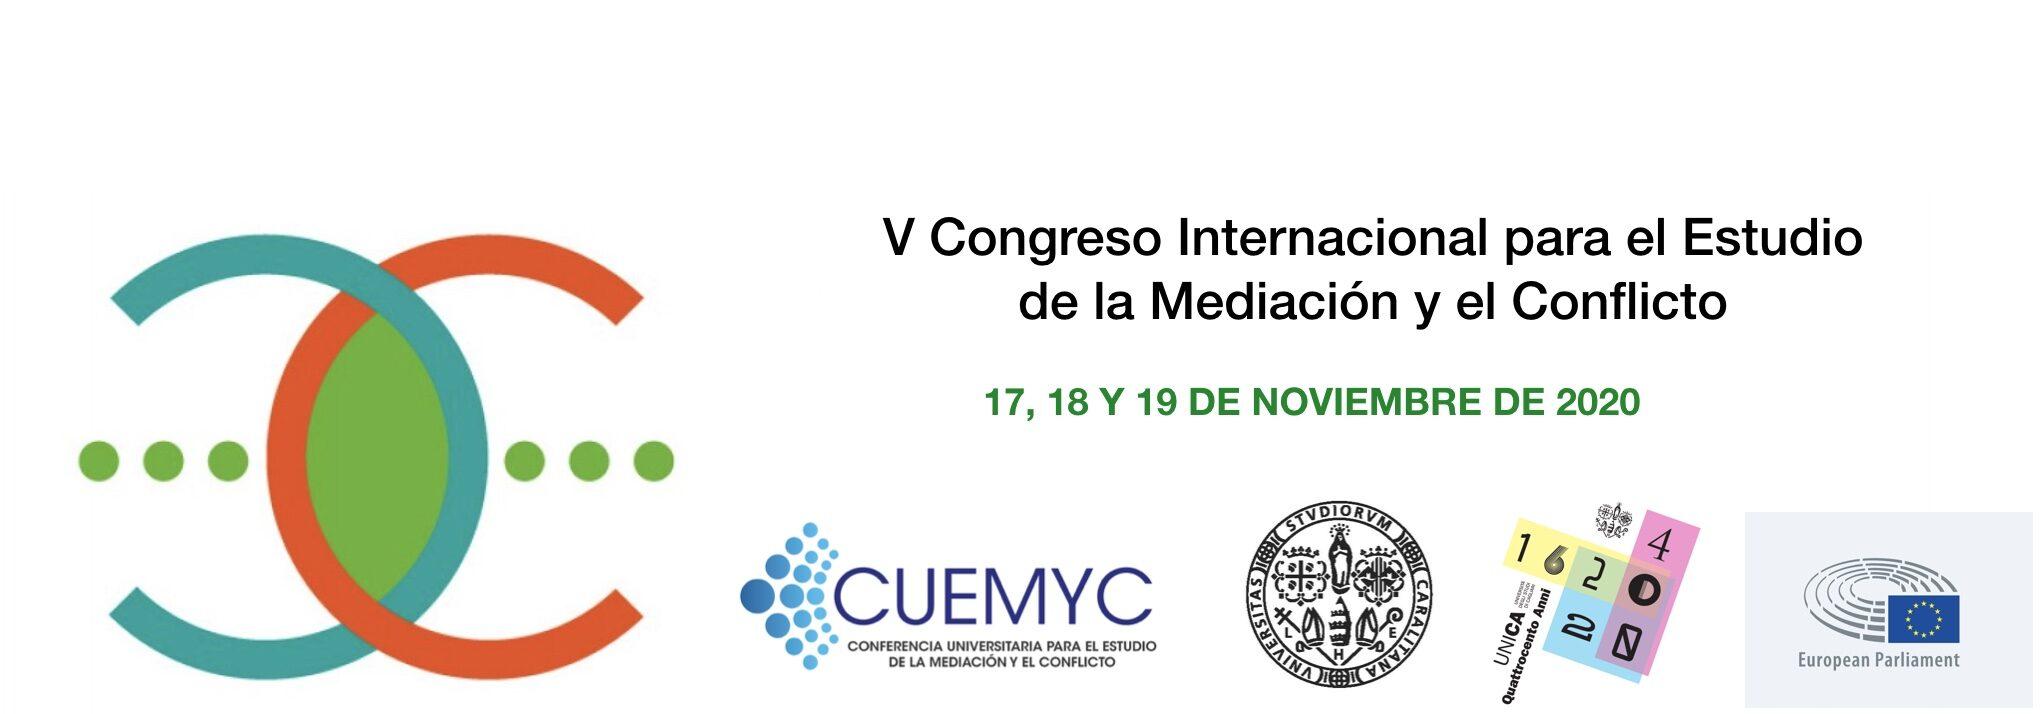 V Congreso Internacional para el Estudio de la Mediación y el Conflicto